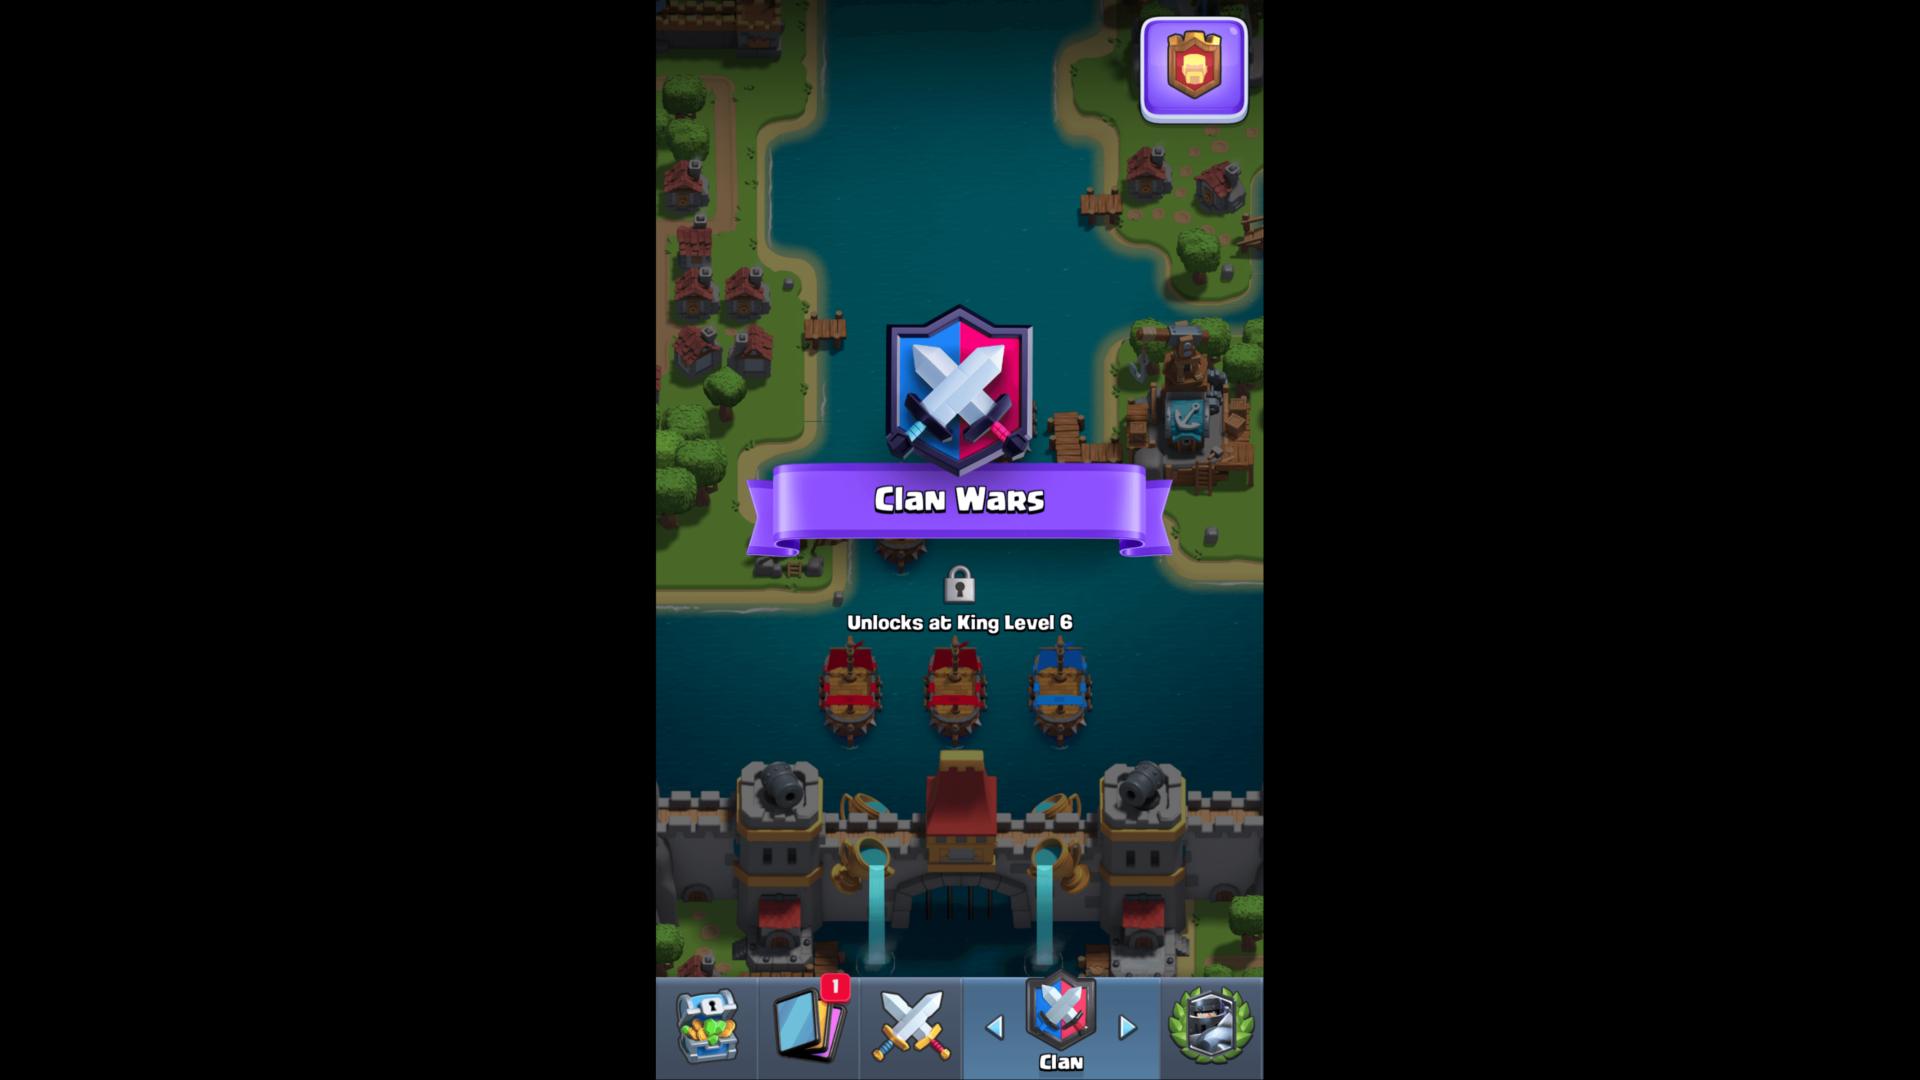 Clan wars screenshot of Clash Royale video game interface.